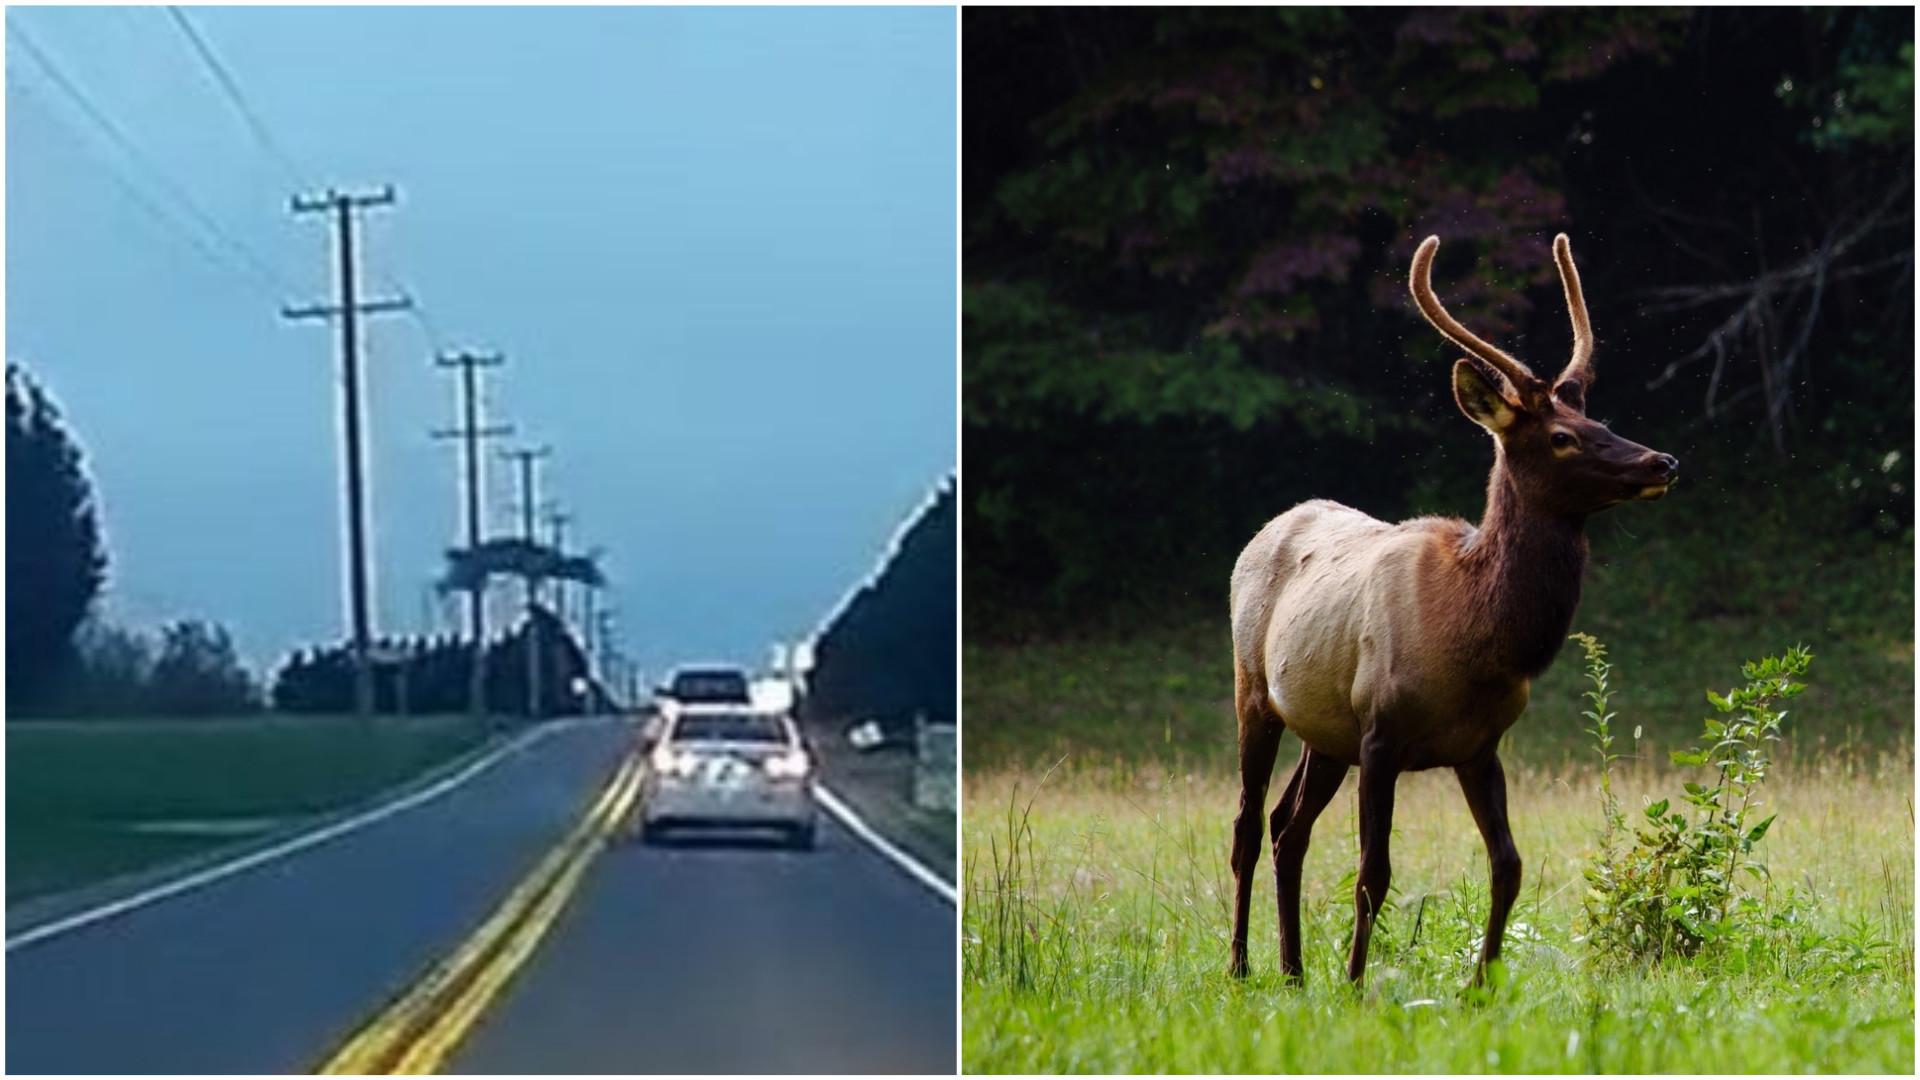 Animal tenta saltar por cima de carro em movimento nos EUA